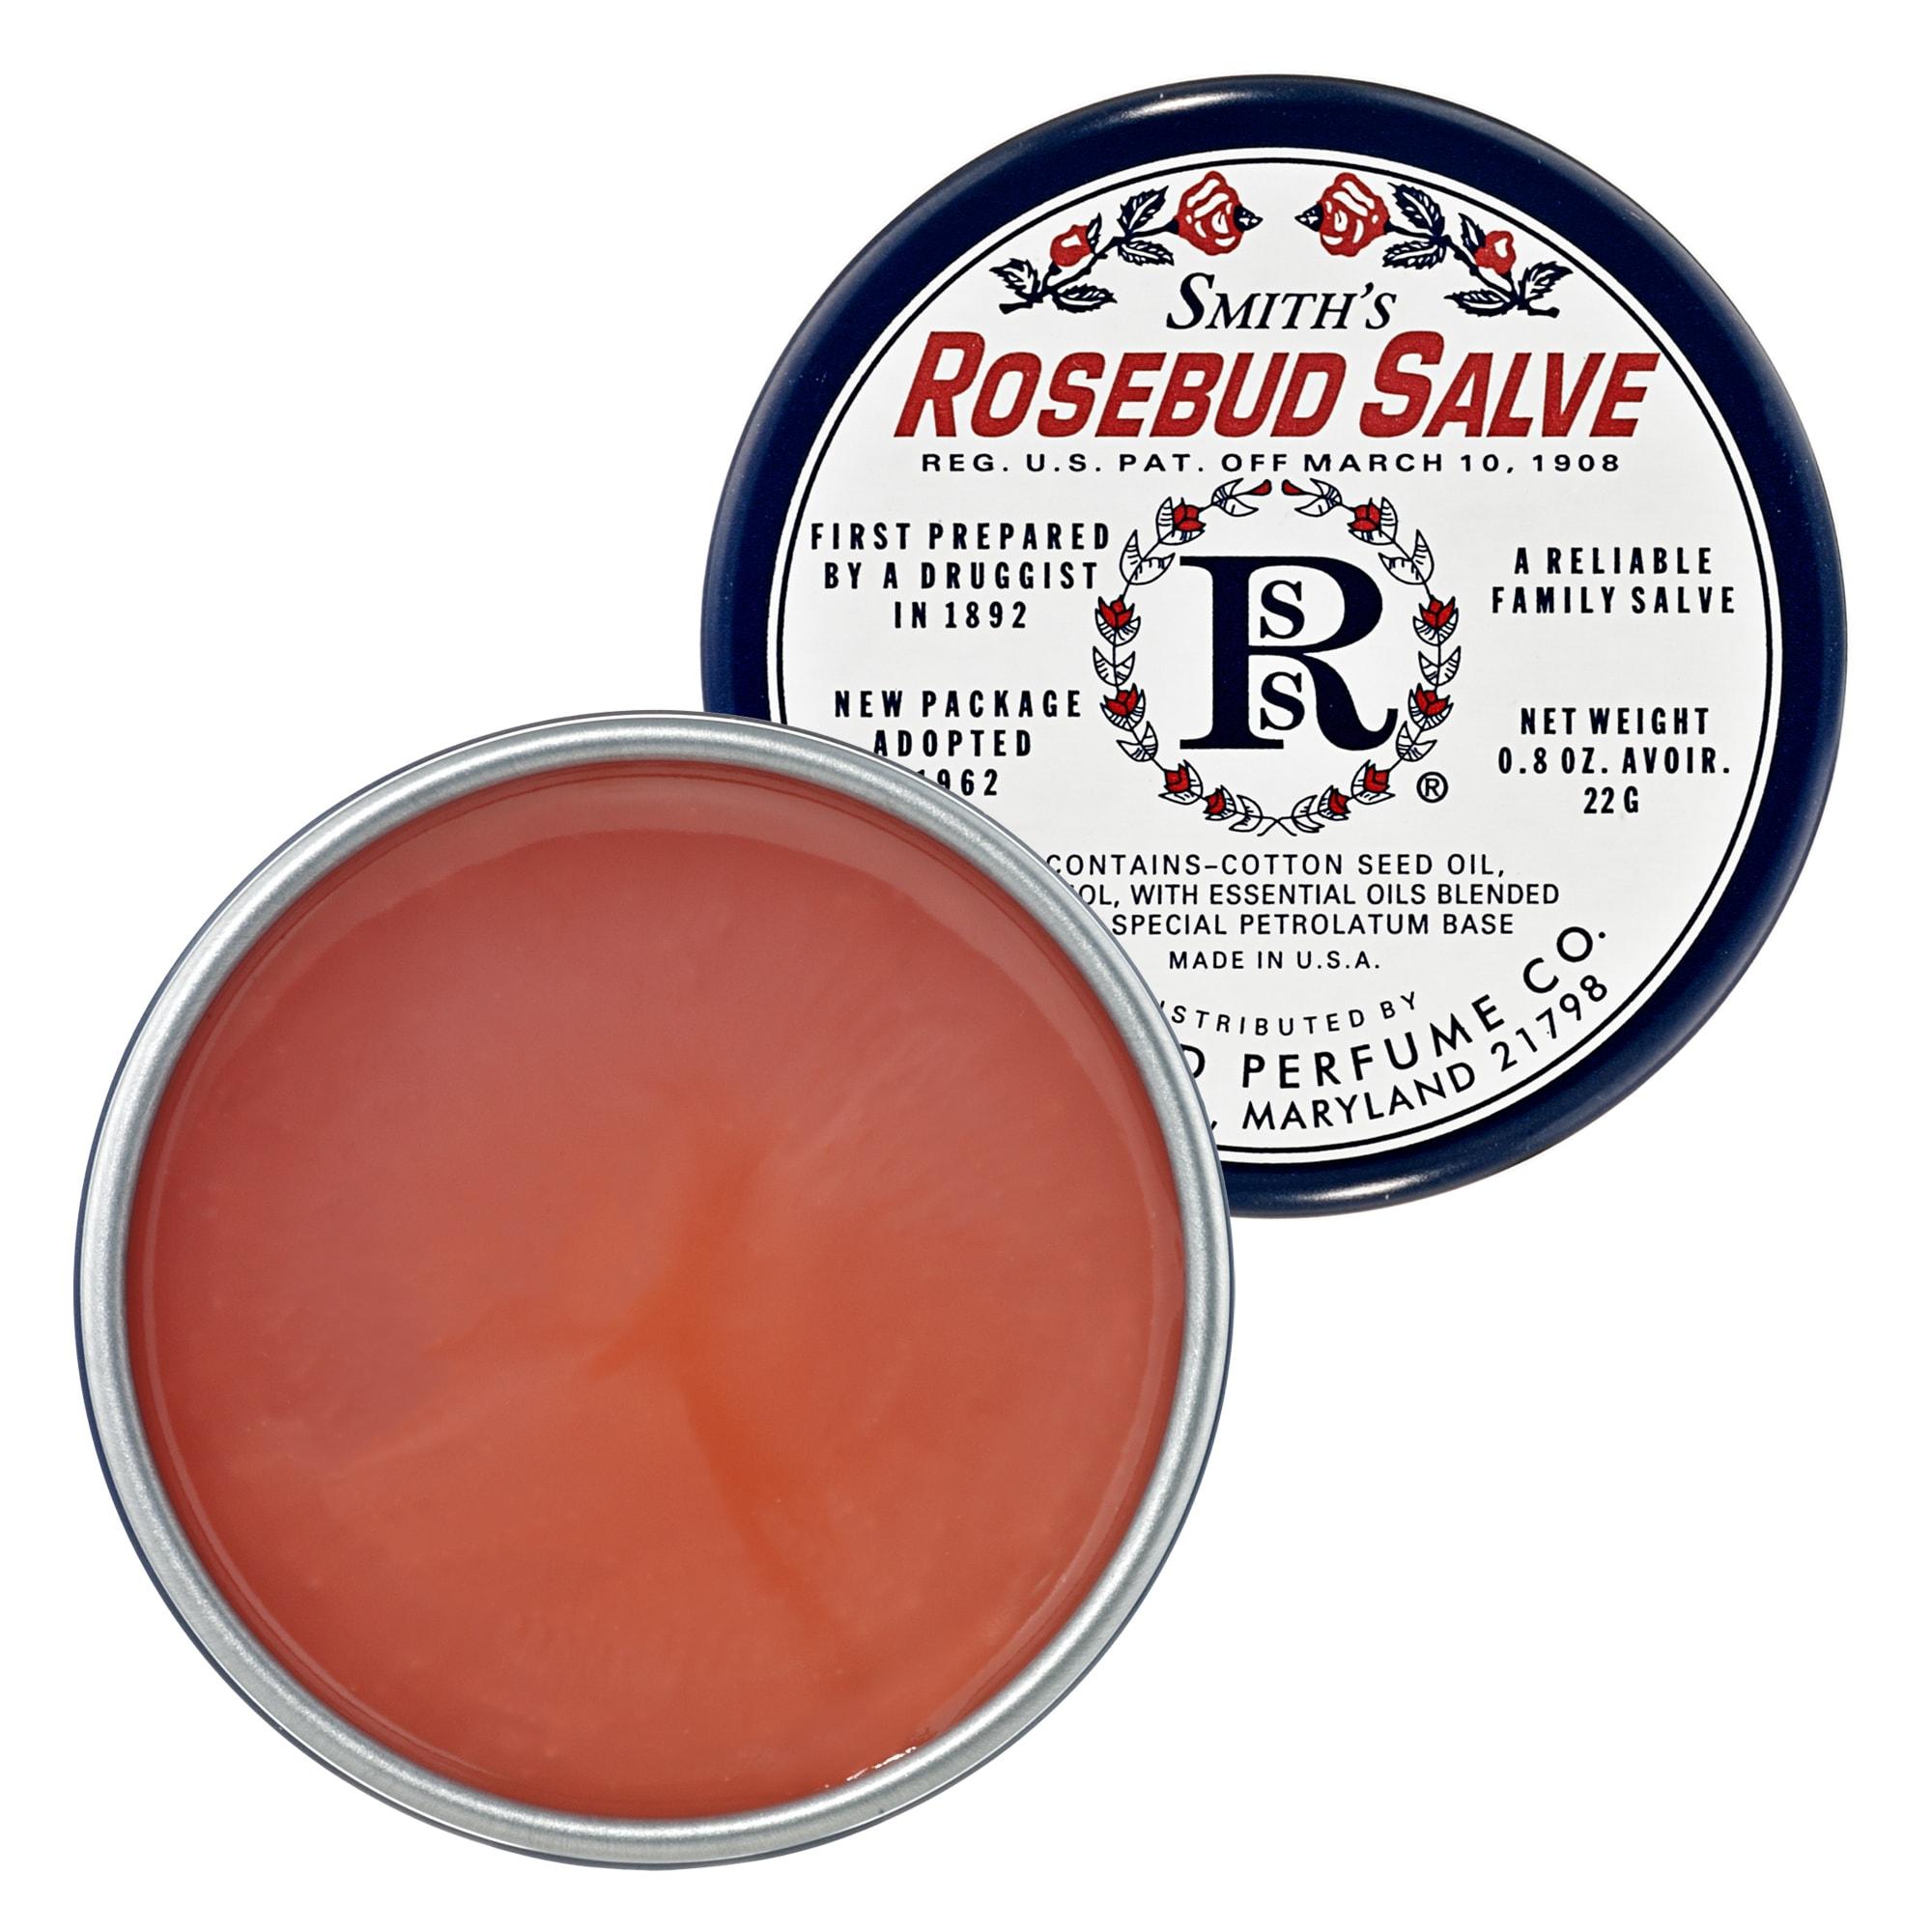 Rosebud Perfume Co. - Rosebud Salve